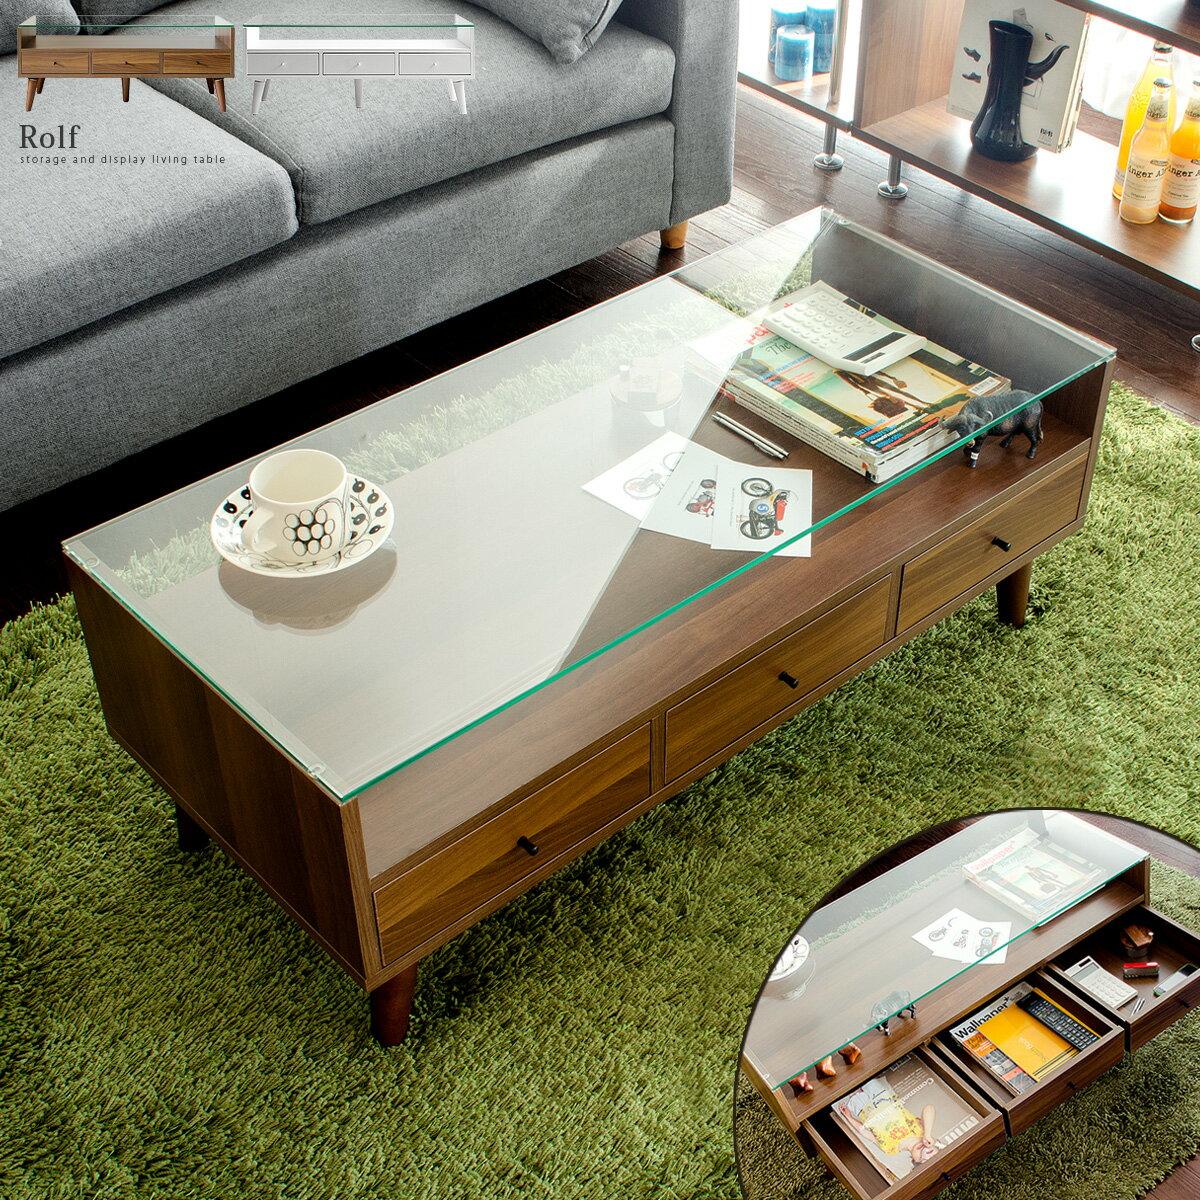 テーブル ローテーブル 収納 ガラステーブル 引き出し リビングテーブル センターテーブル ディスプレイ シンプル モダン 北欧 木製 シンプル ガラス おしゃれ かわいい ローテーブル Rolf〔ロルフ〕 ブラウン